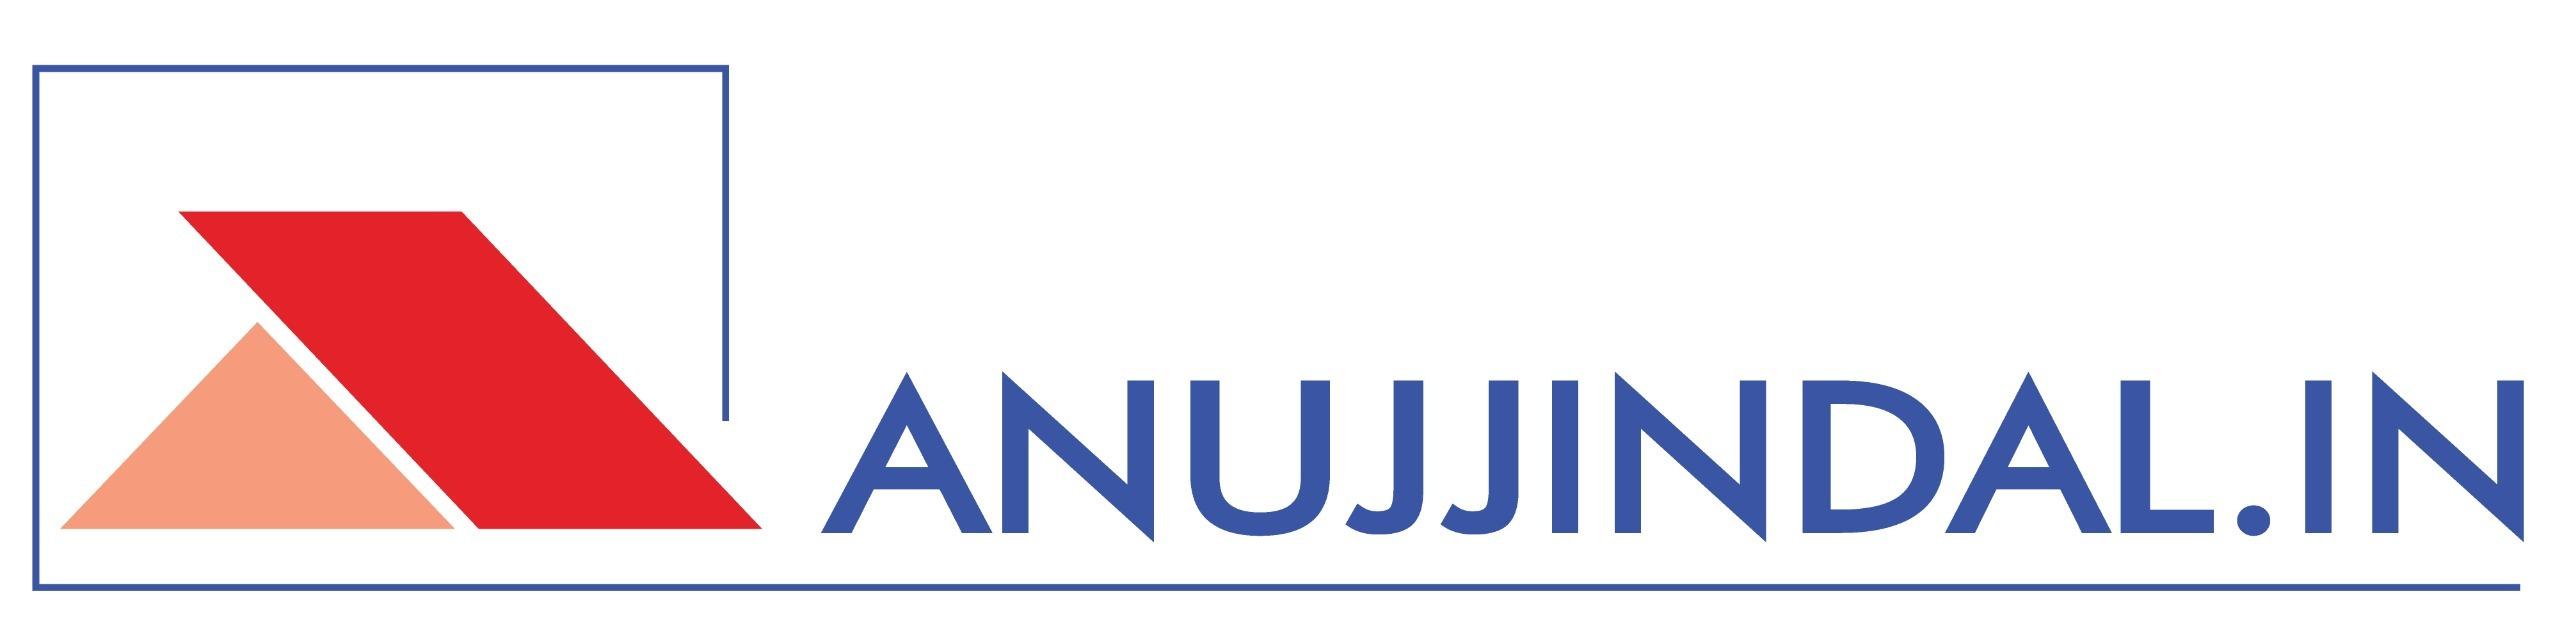 anujjindal.in (@anujjindal) Cover Image